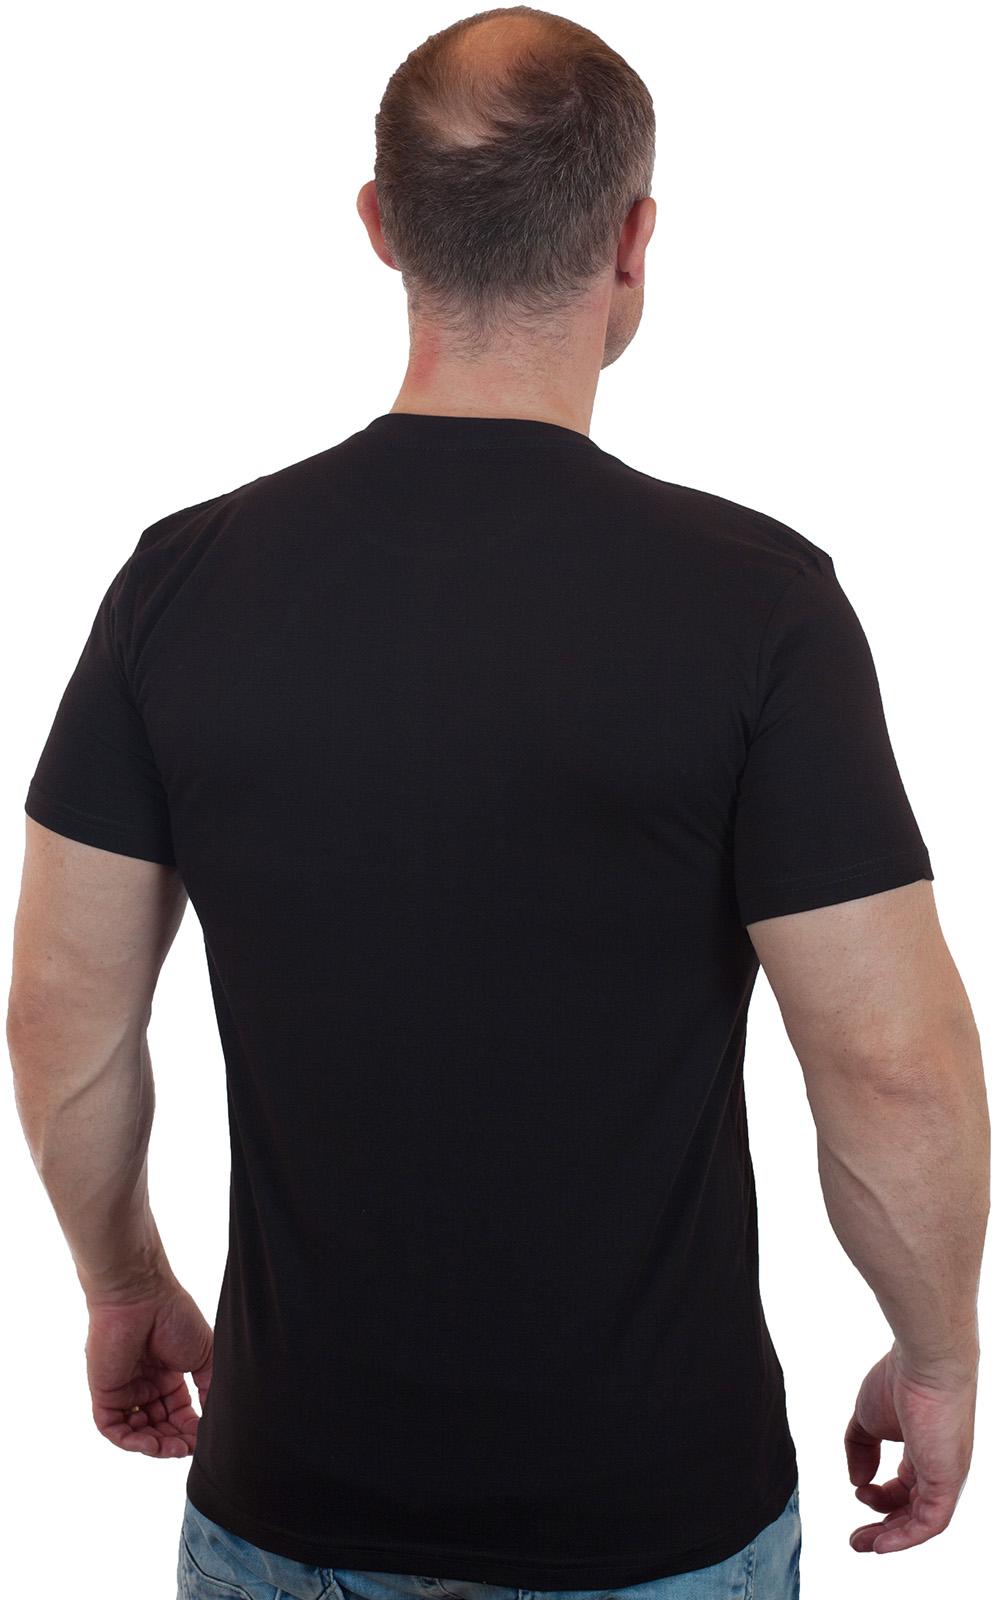 Черная футболка с вышитой эмблемой 731 ОБС 106 гв. ВДД - заказать выгодно